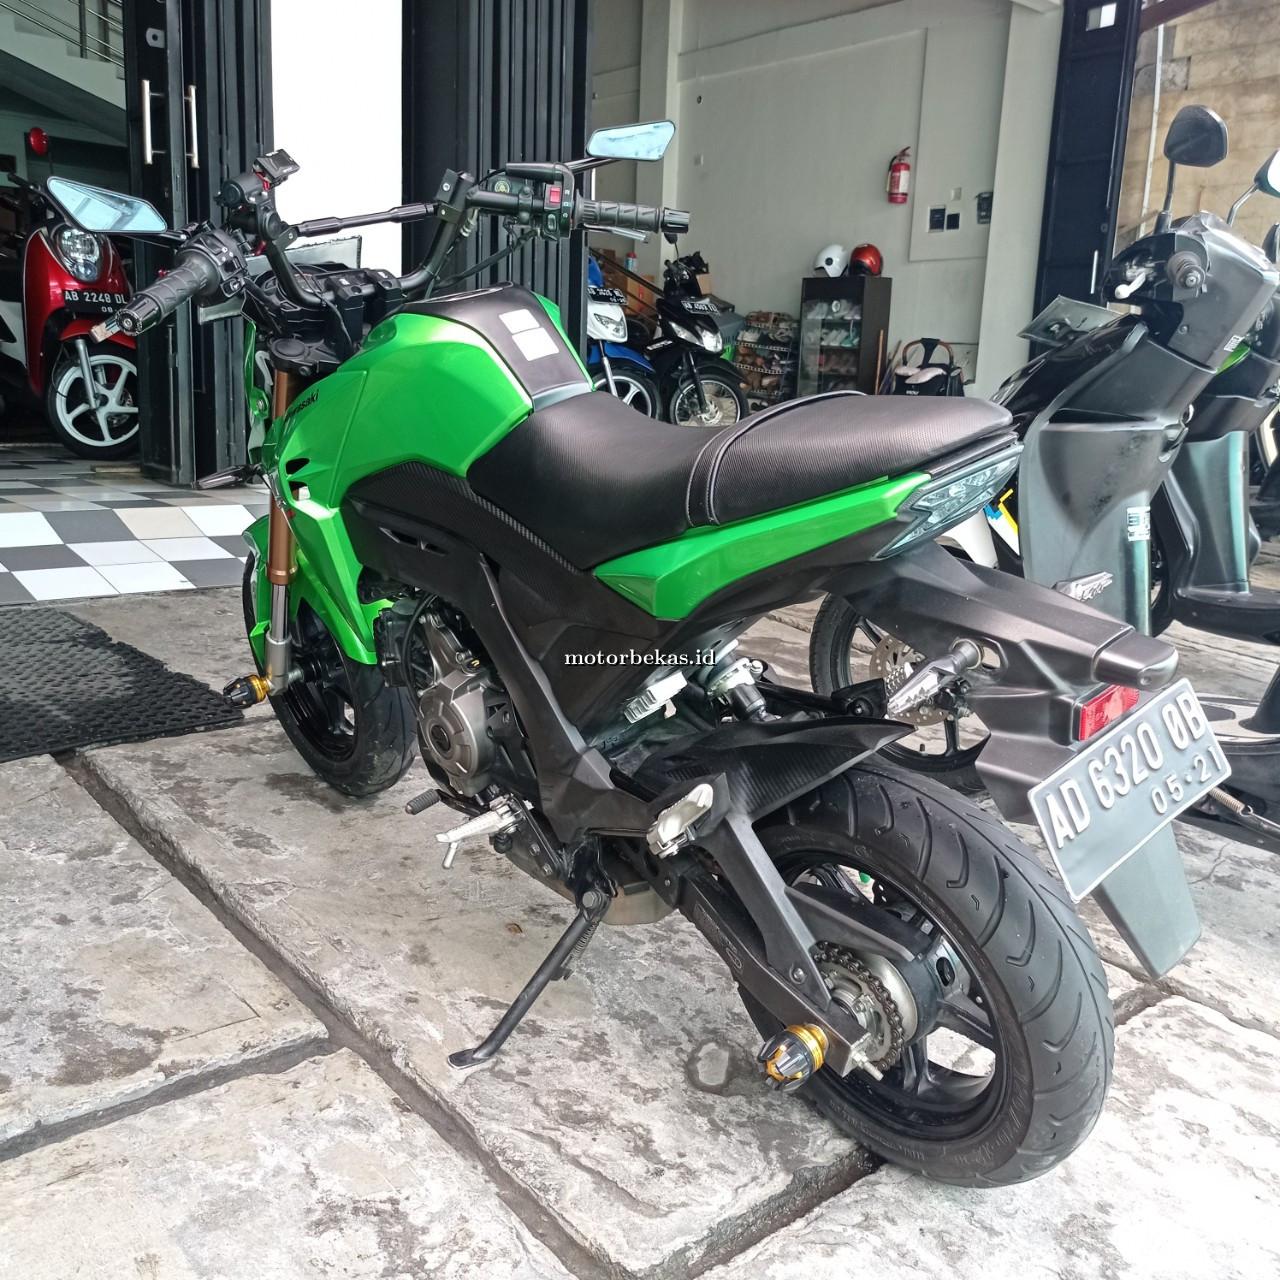 KAWASAKI D-TRACKER  120 motorbekas.id